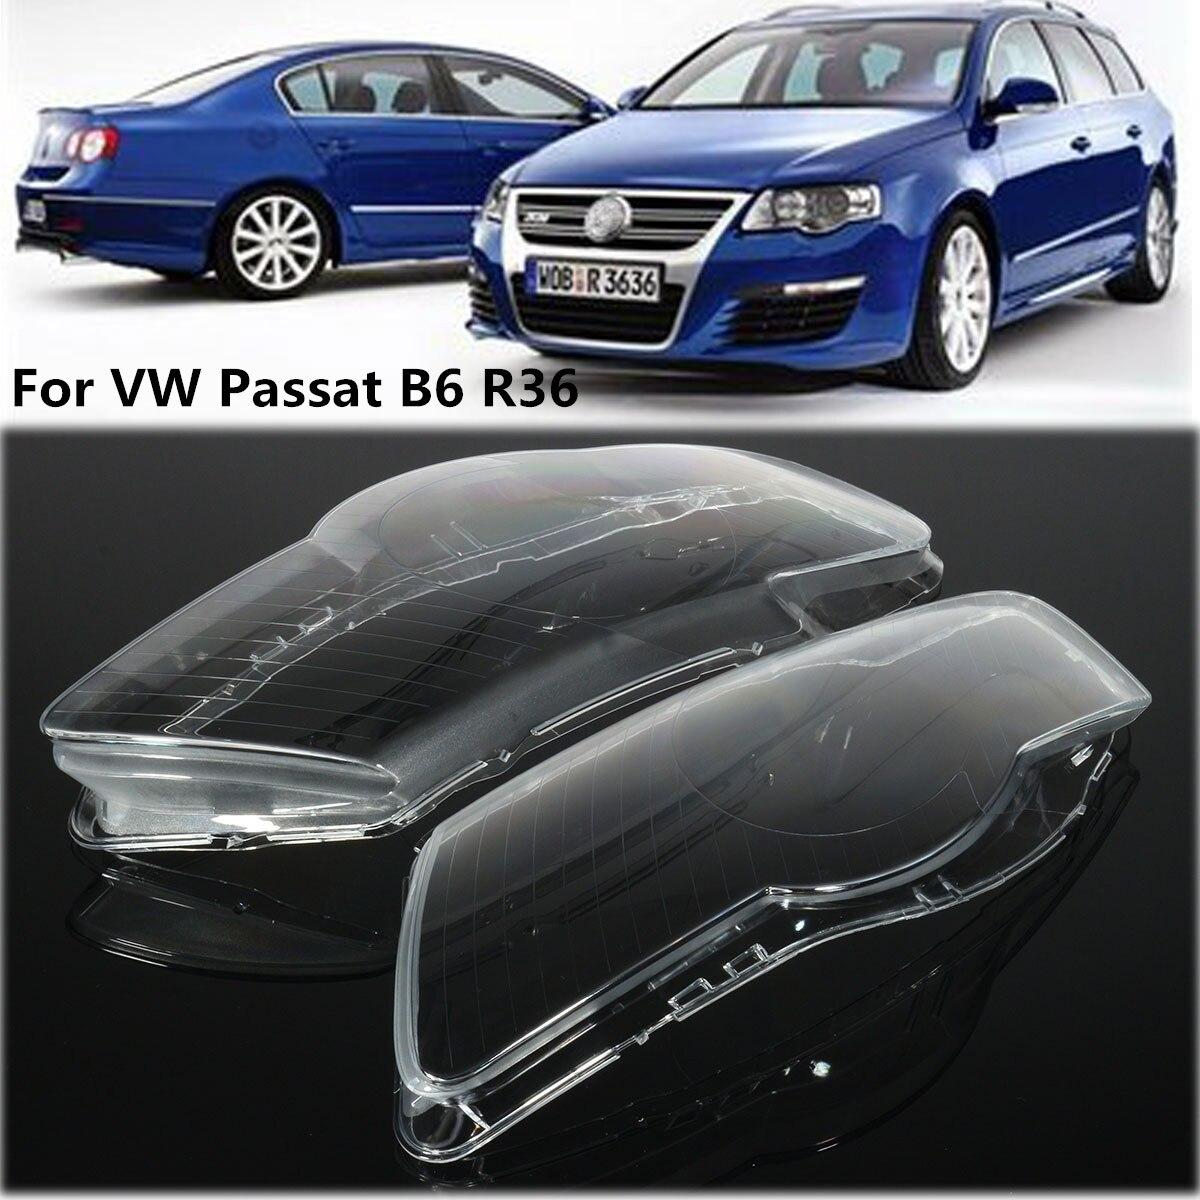 Paire phare de voiture phare étanche lumineux clair couverture lentille pour Volkswagen VW Passat B6 bi-xénon phares R36